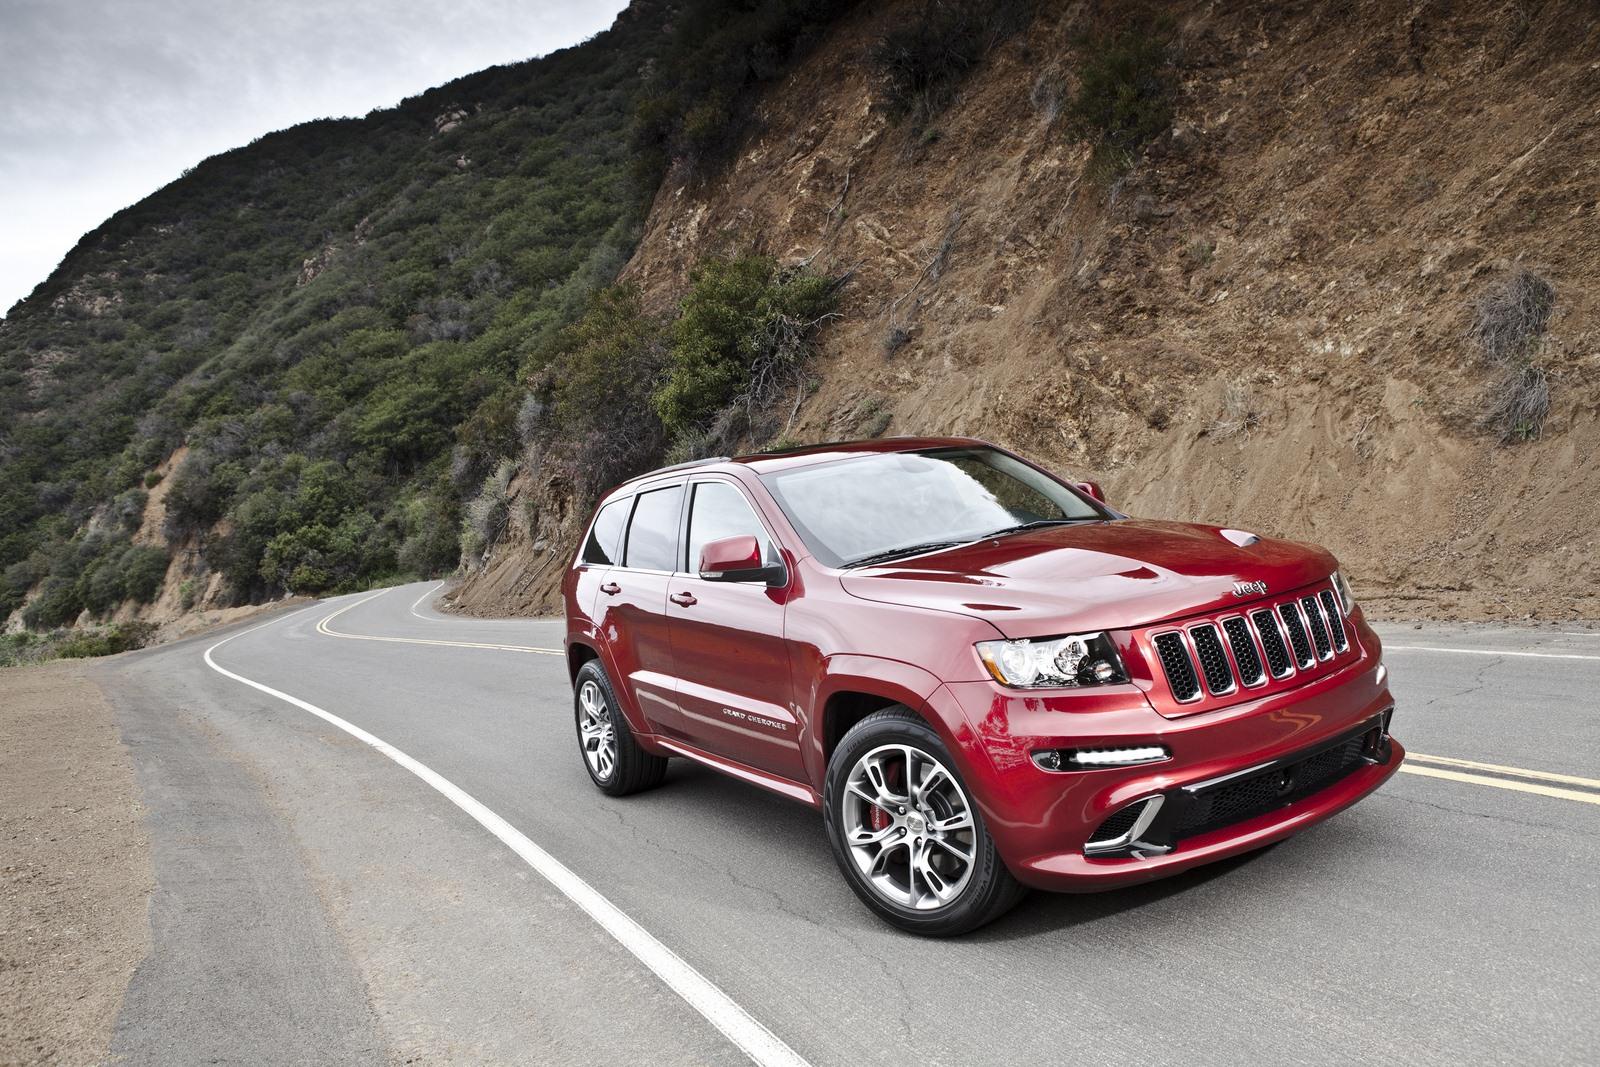 красный автомобиль джип ford sport trac red car jeep  № 3085882 загрузить